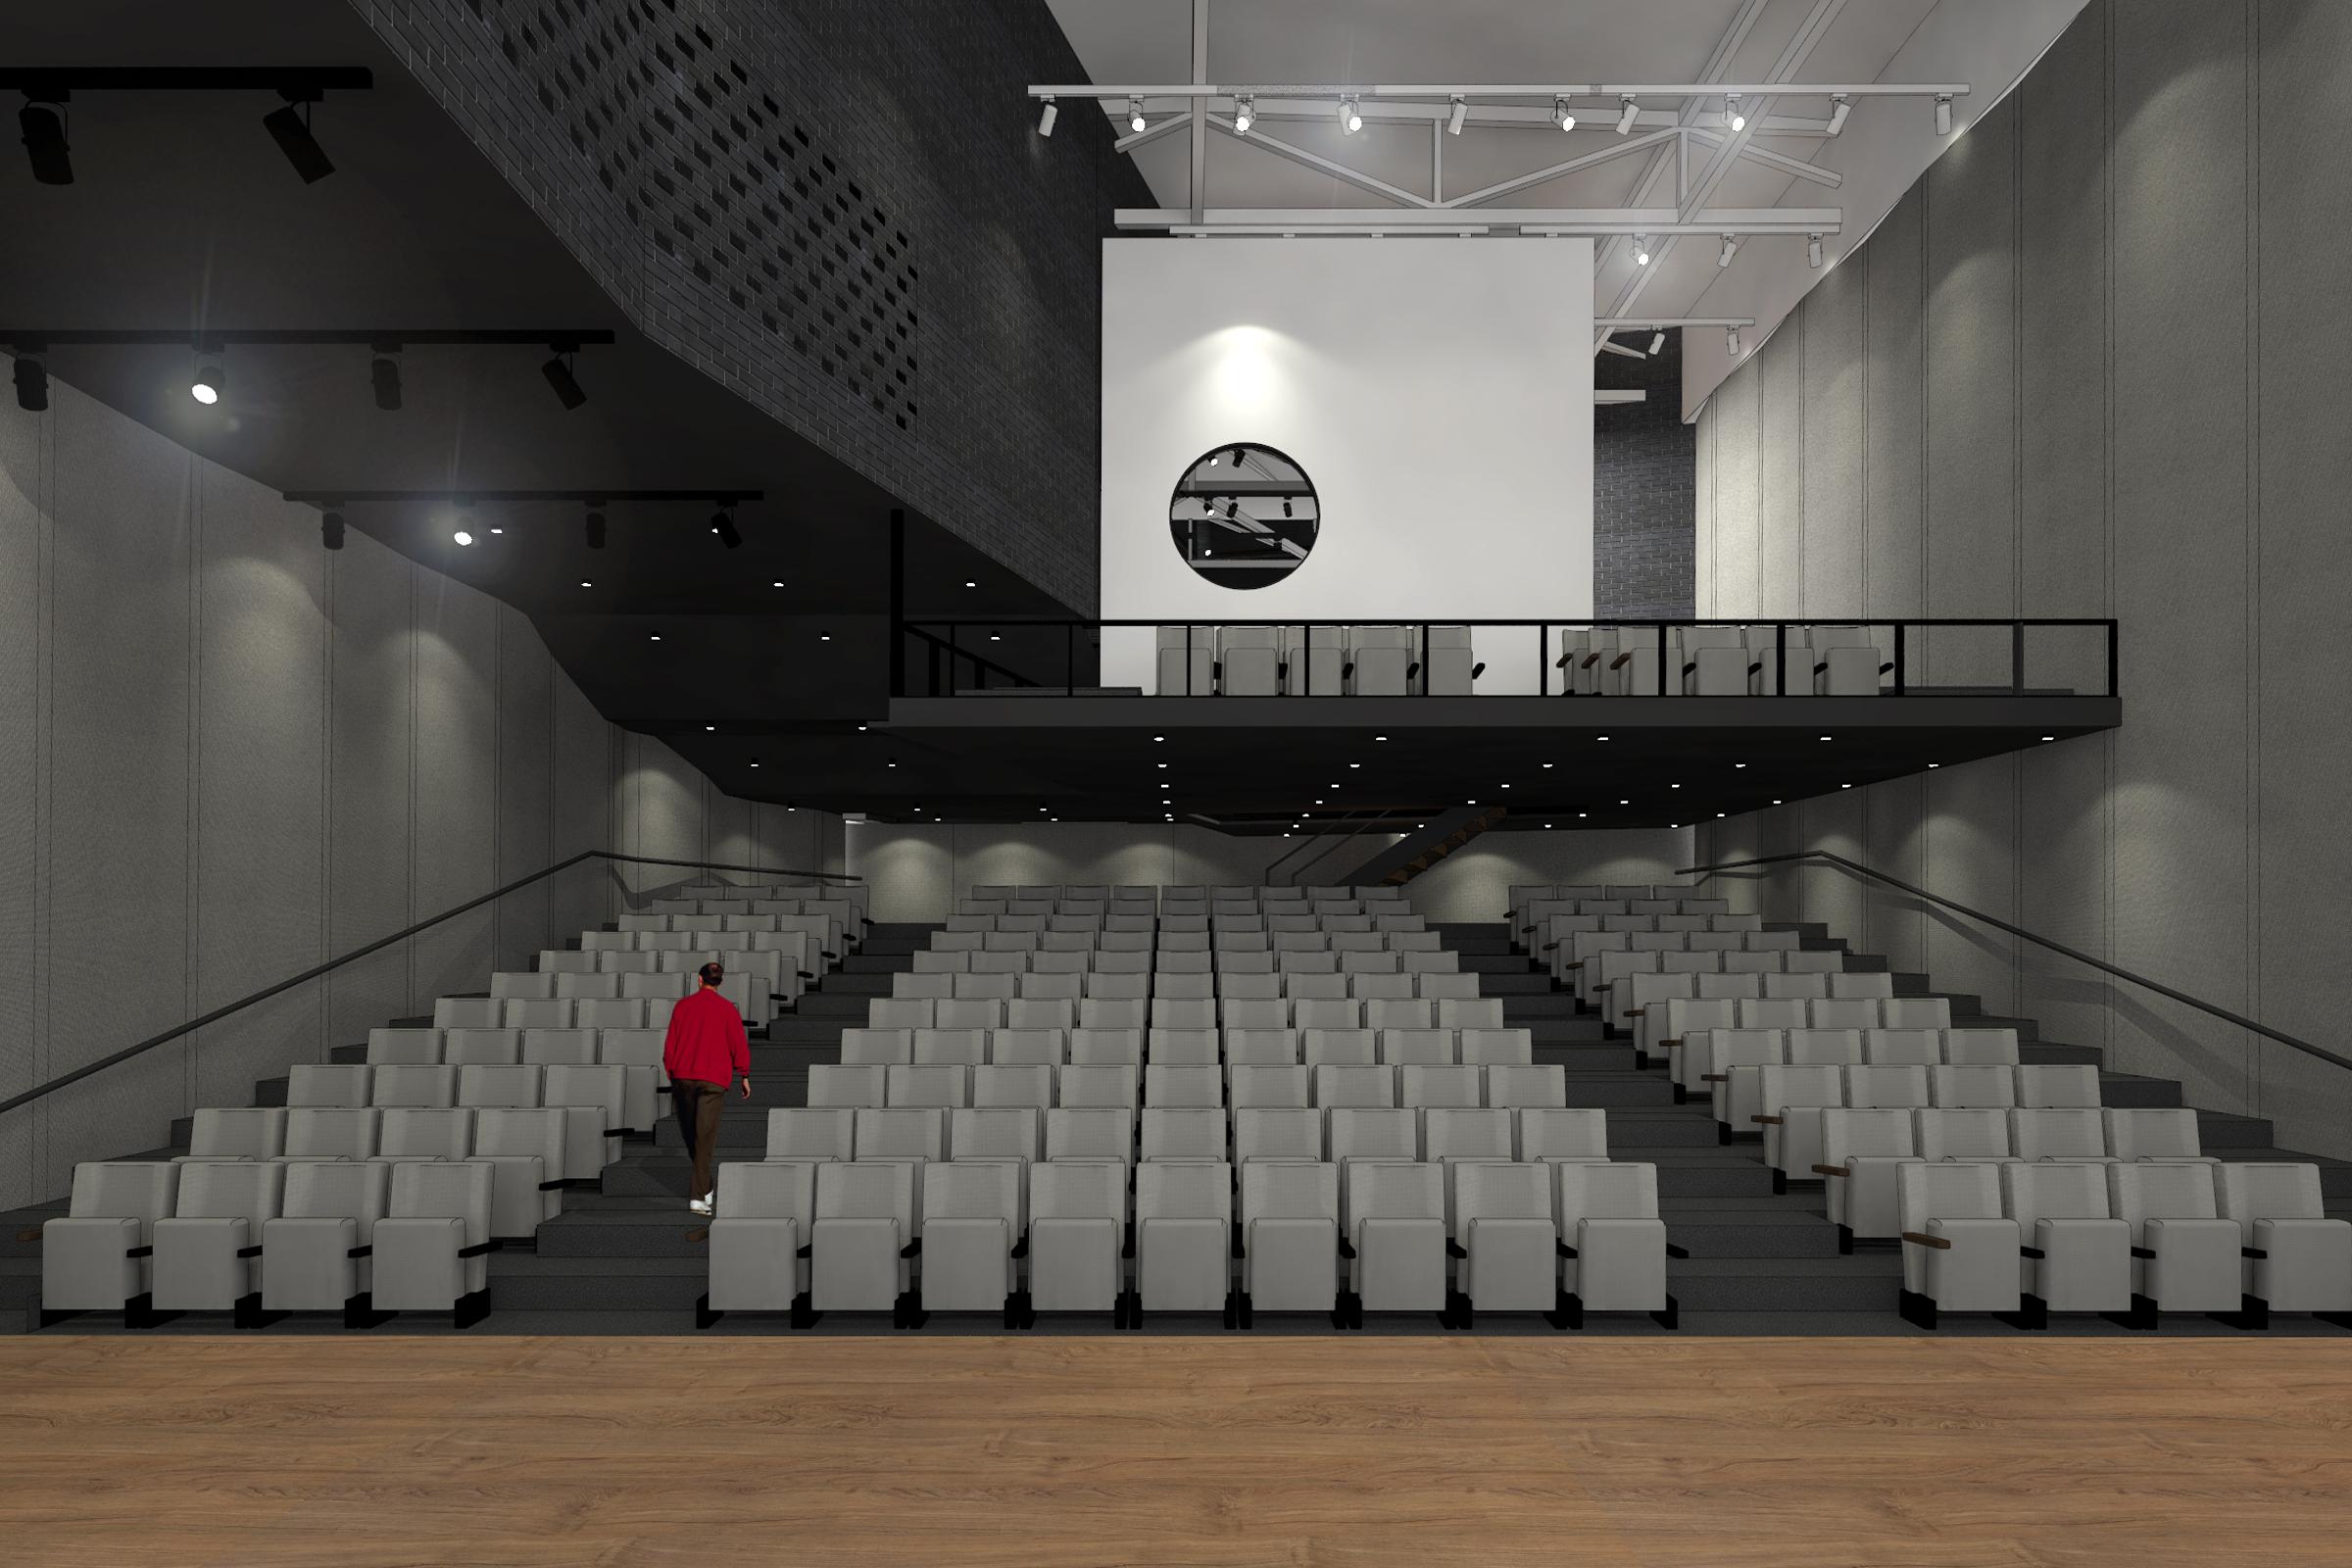 <p>Theater</p>